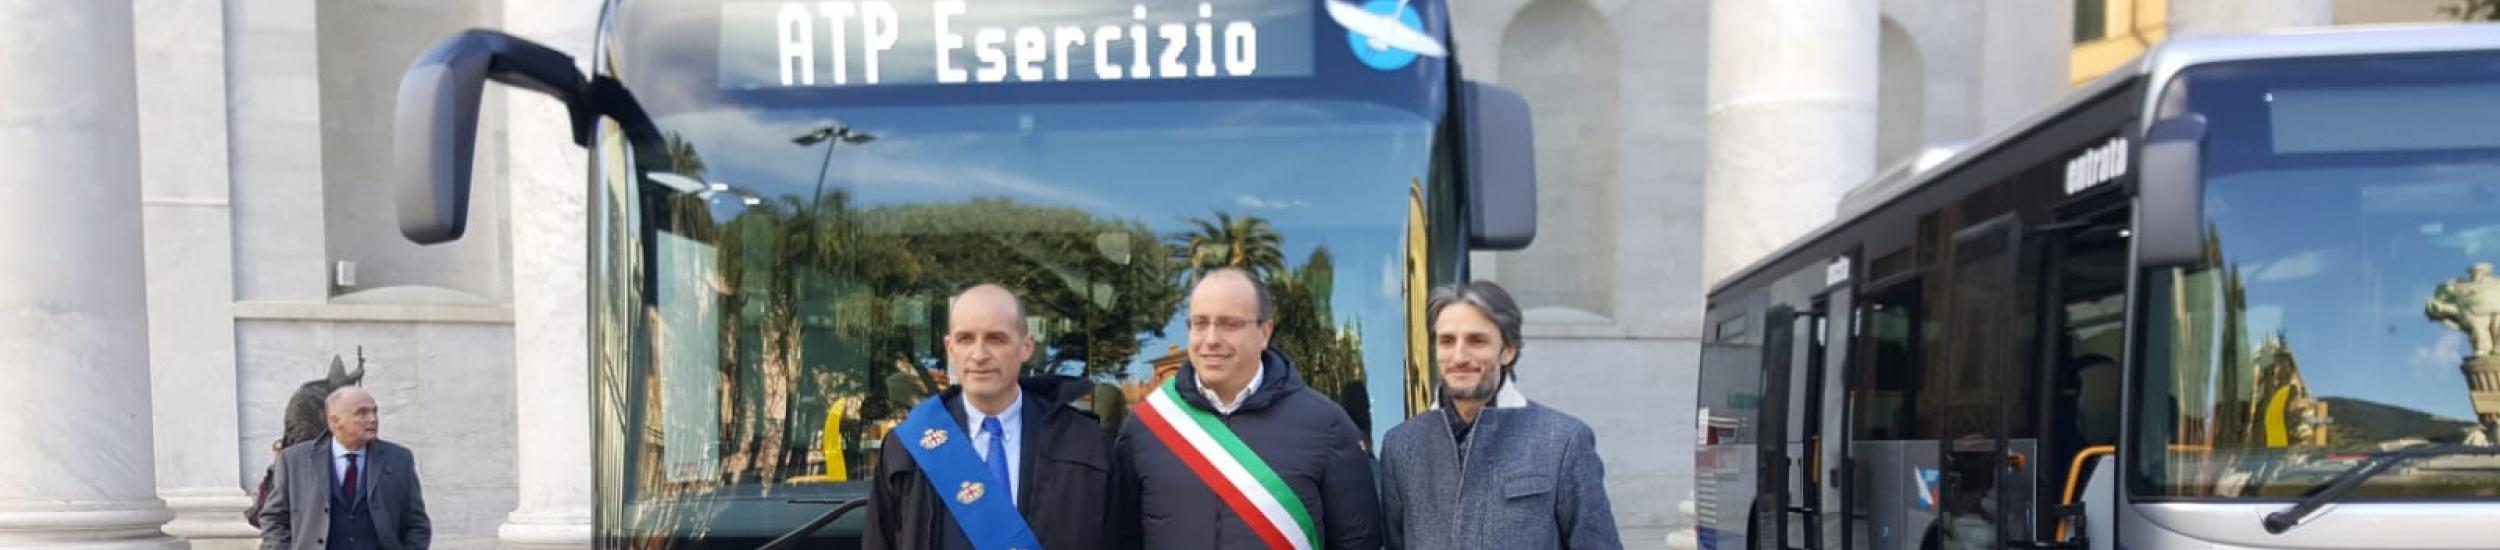 i nuovi bus